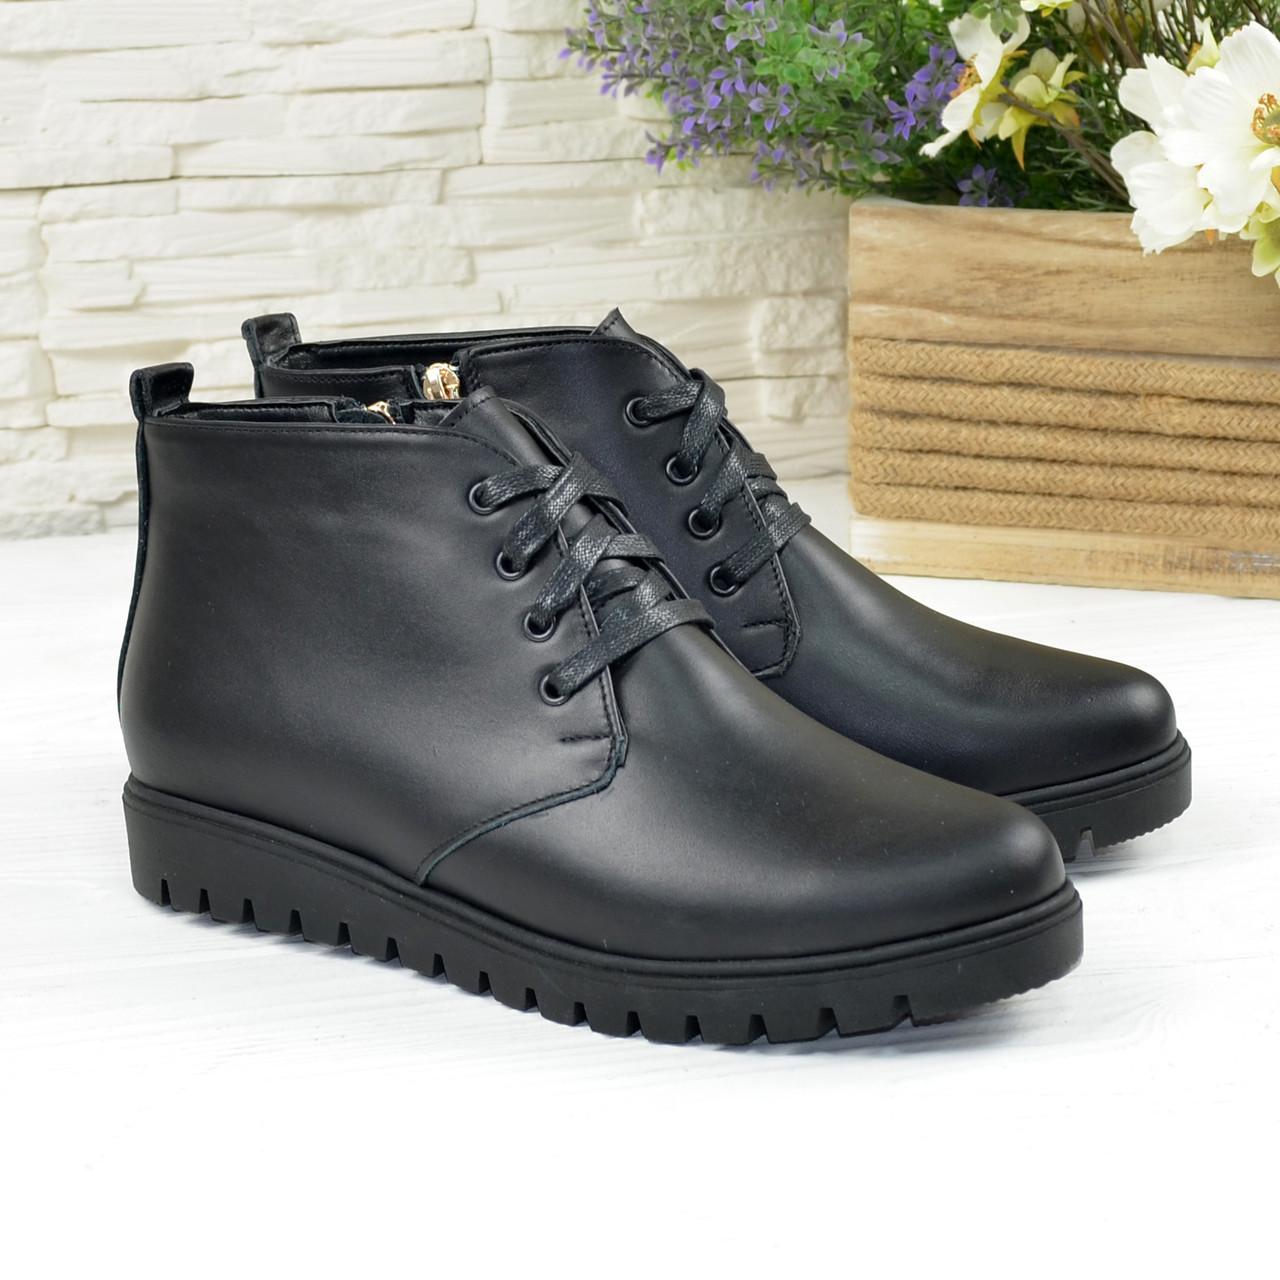 Ботинки кожаные женские черные на шнуровке, утолщенная подошва